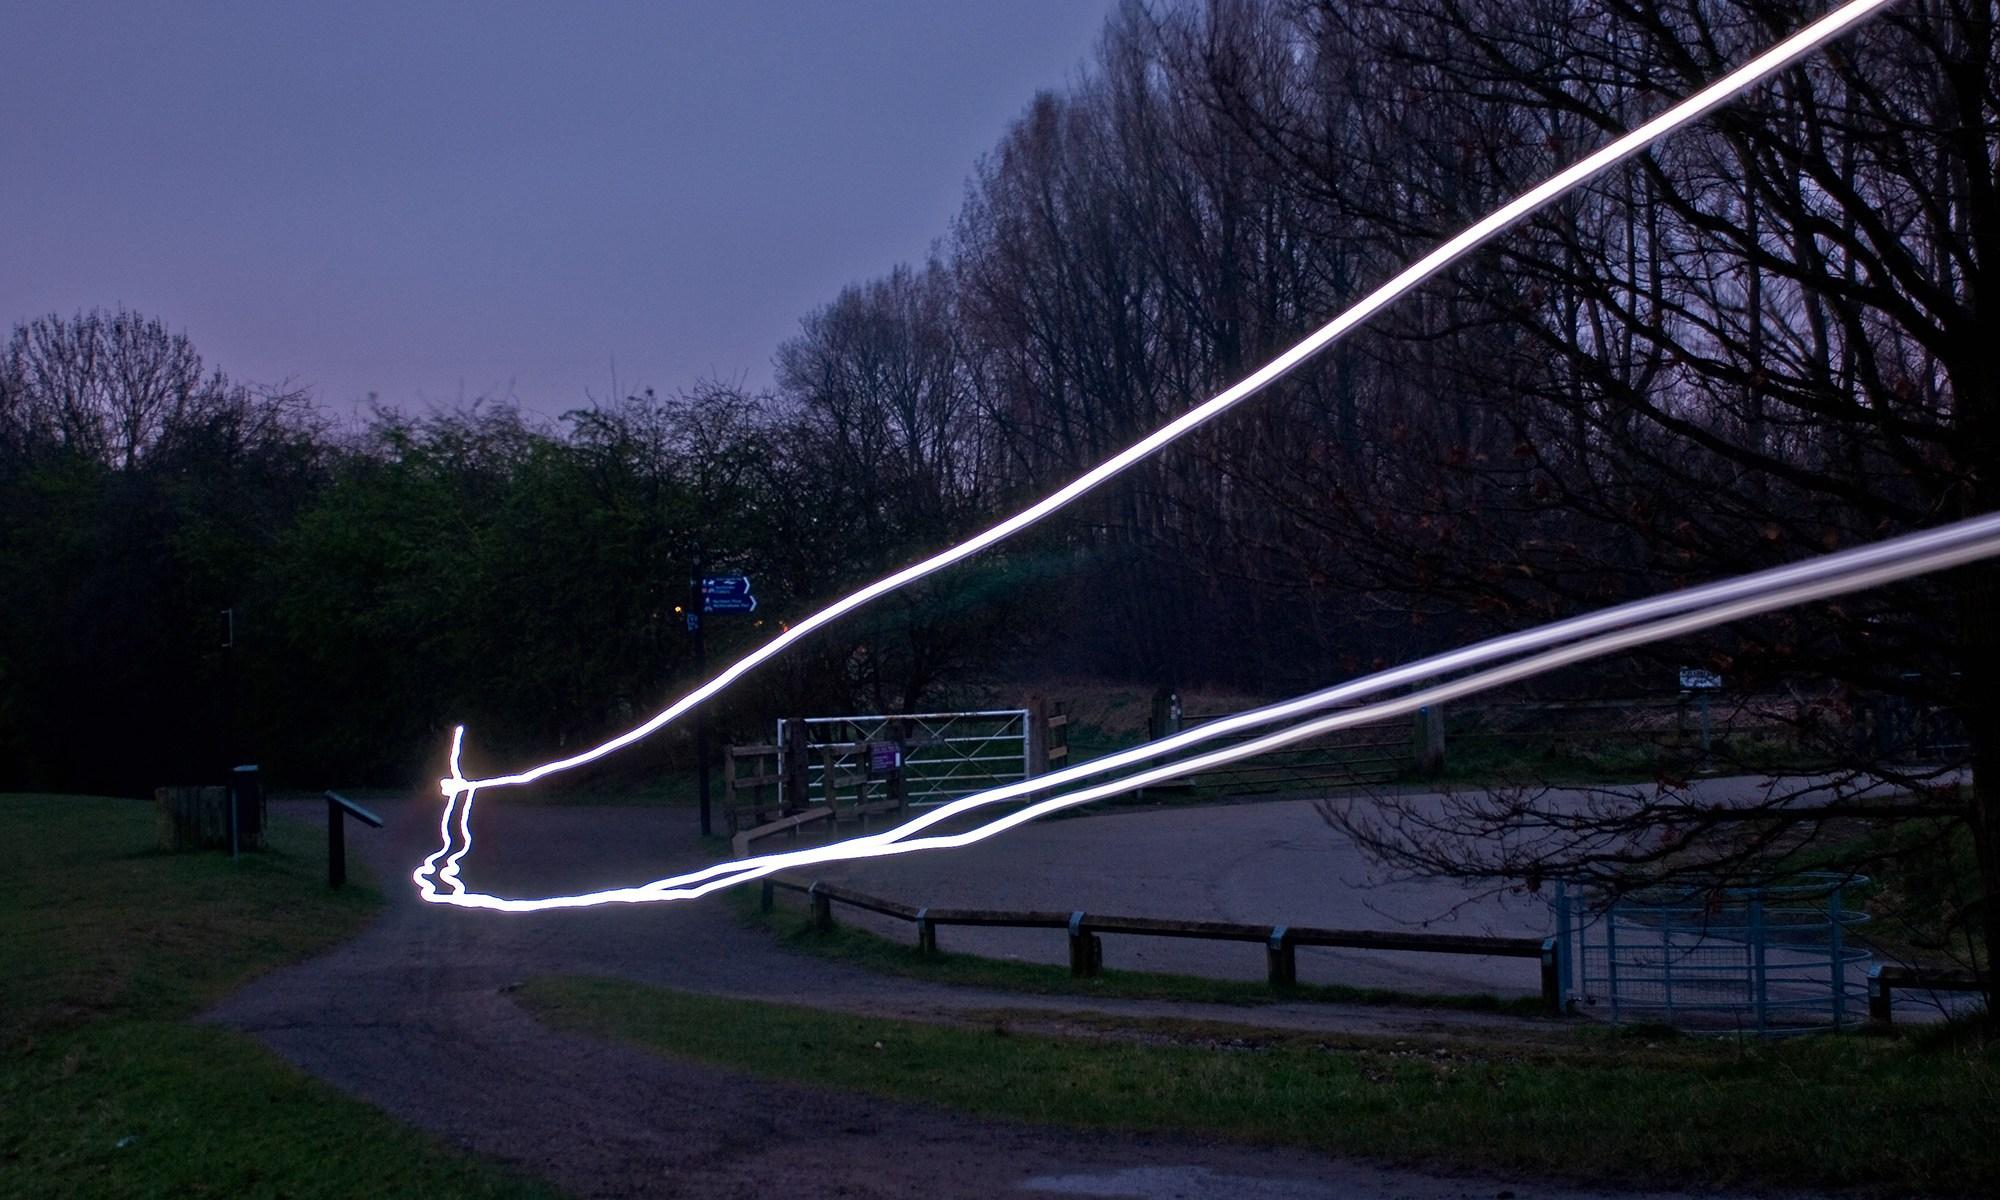 Night Cycling at Chorlton Water Park